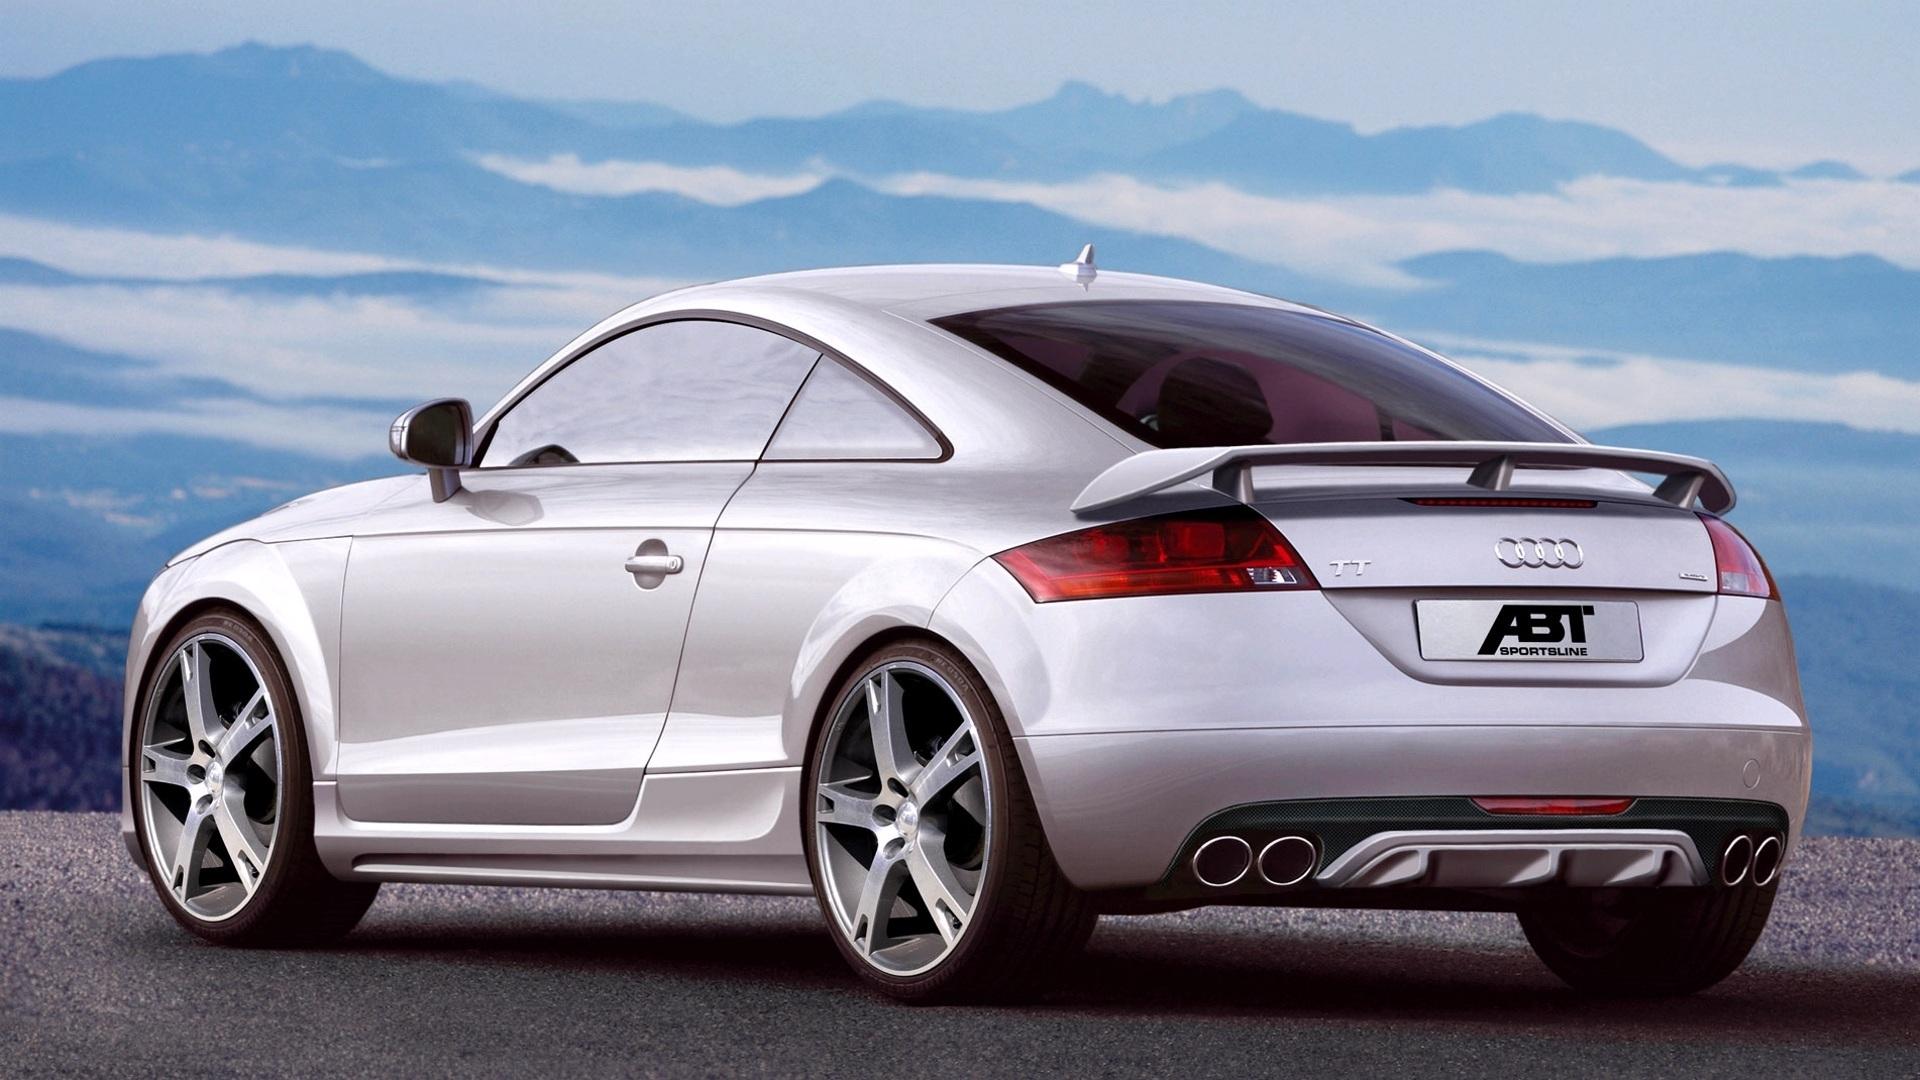 44873 скачать обои Транспорт, Машины, Ауди (Audi) - заставки и картинки бесплатно